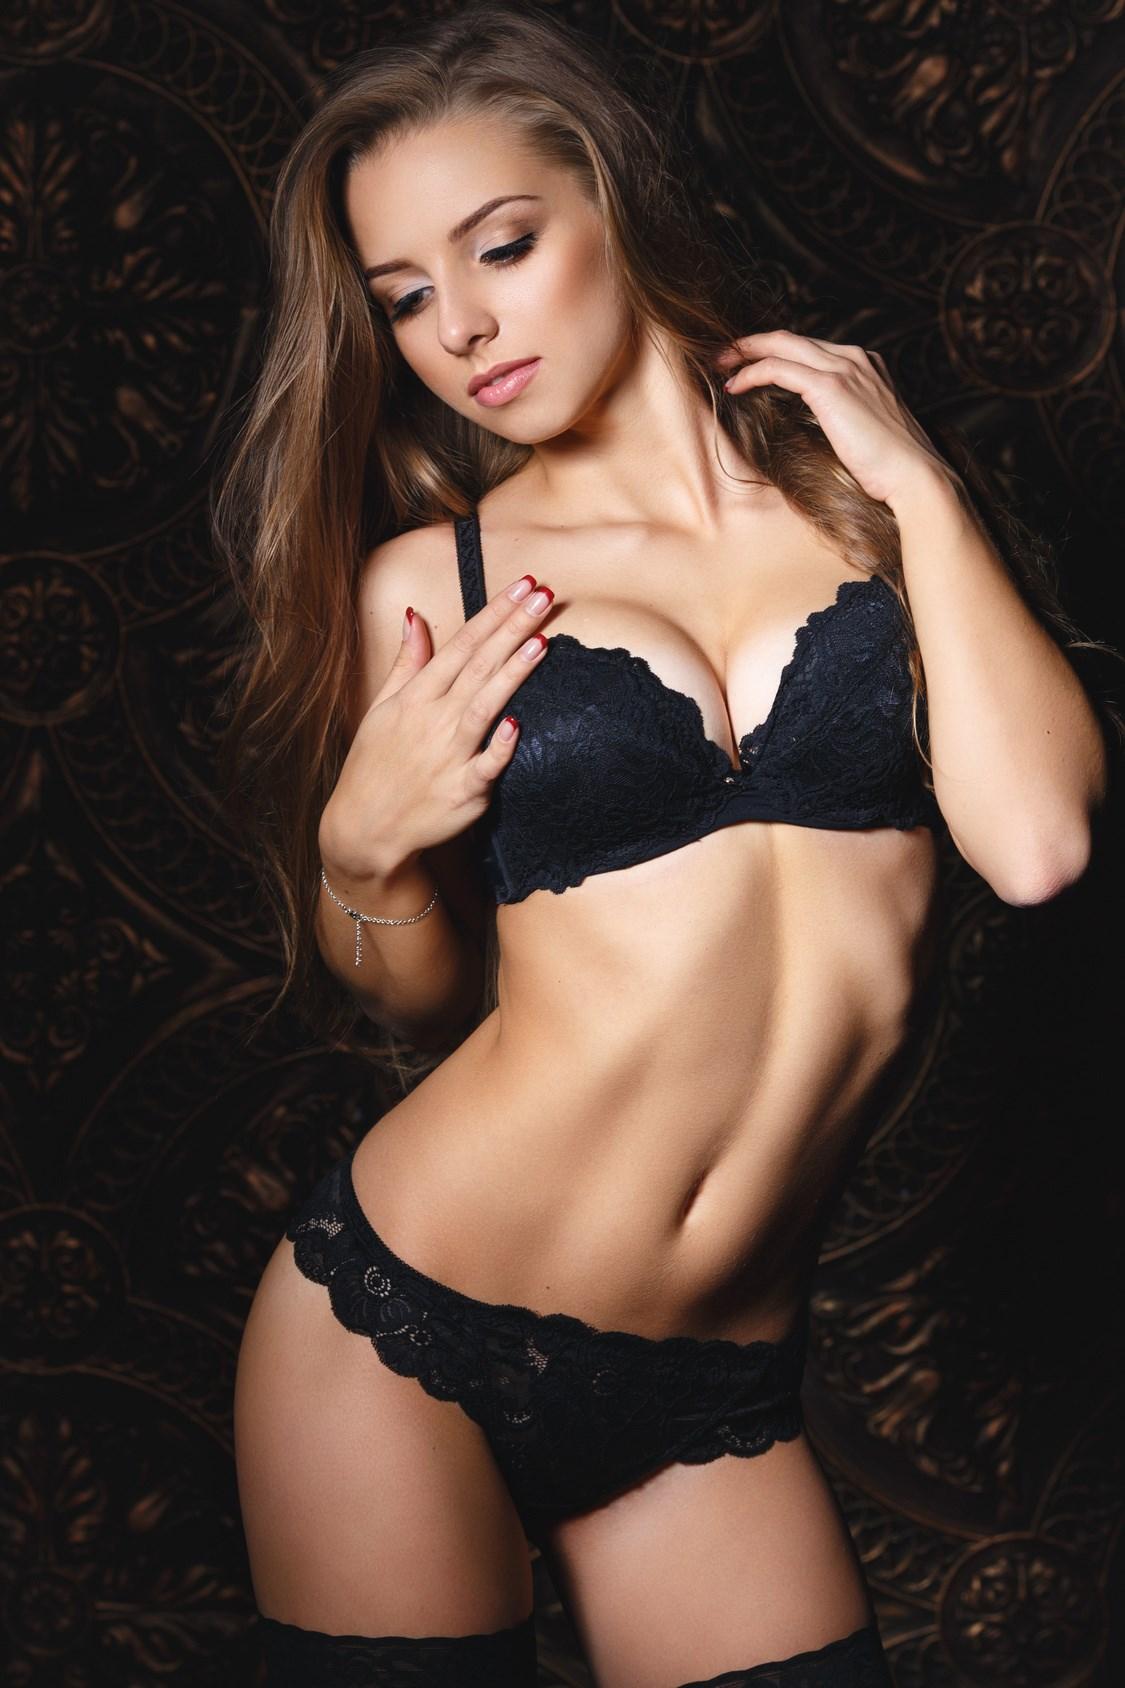 Strip club with sexy girls